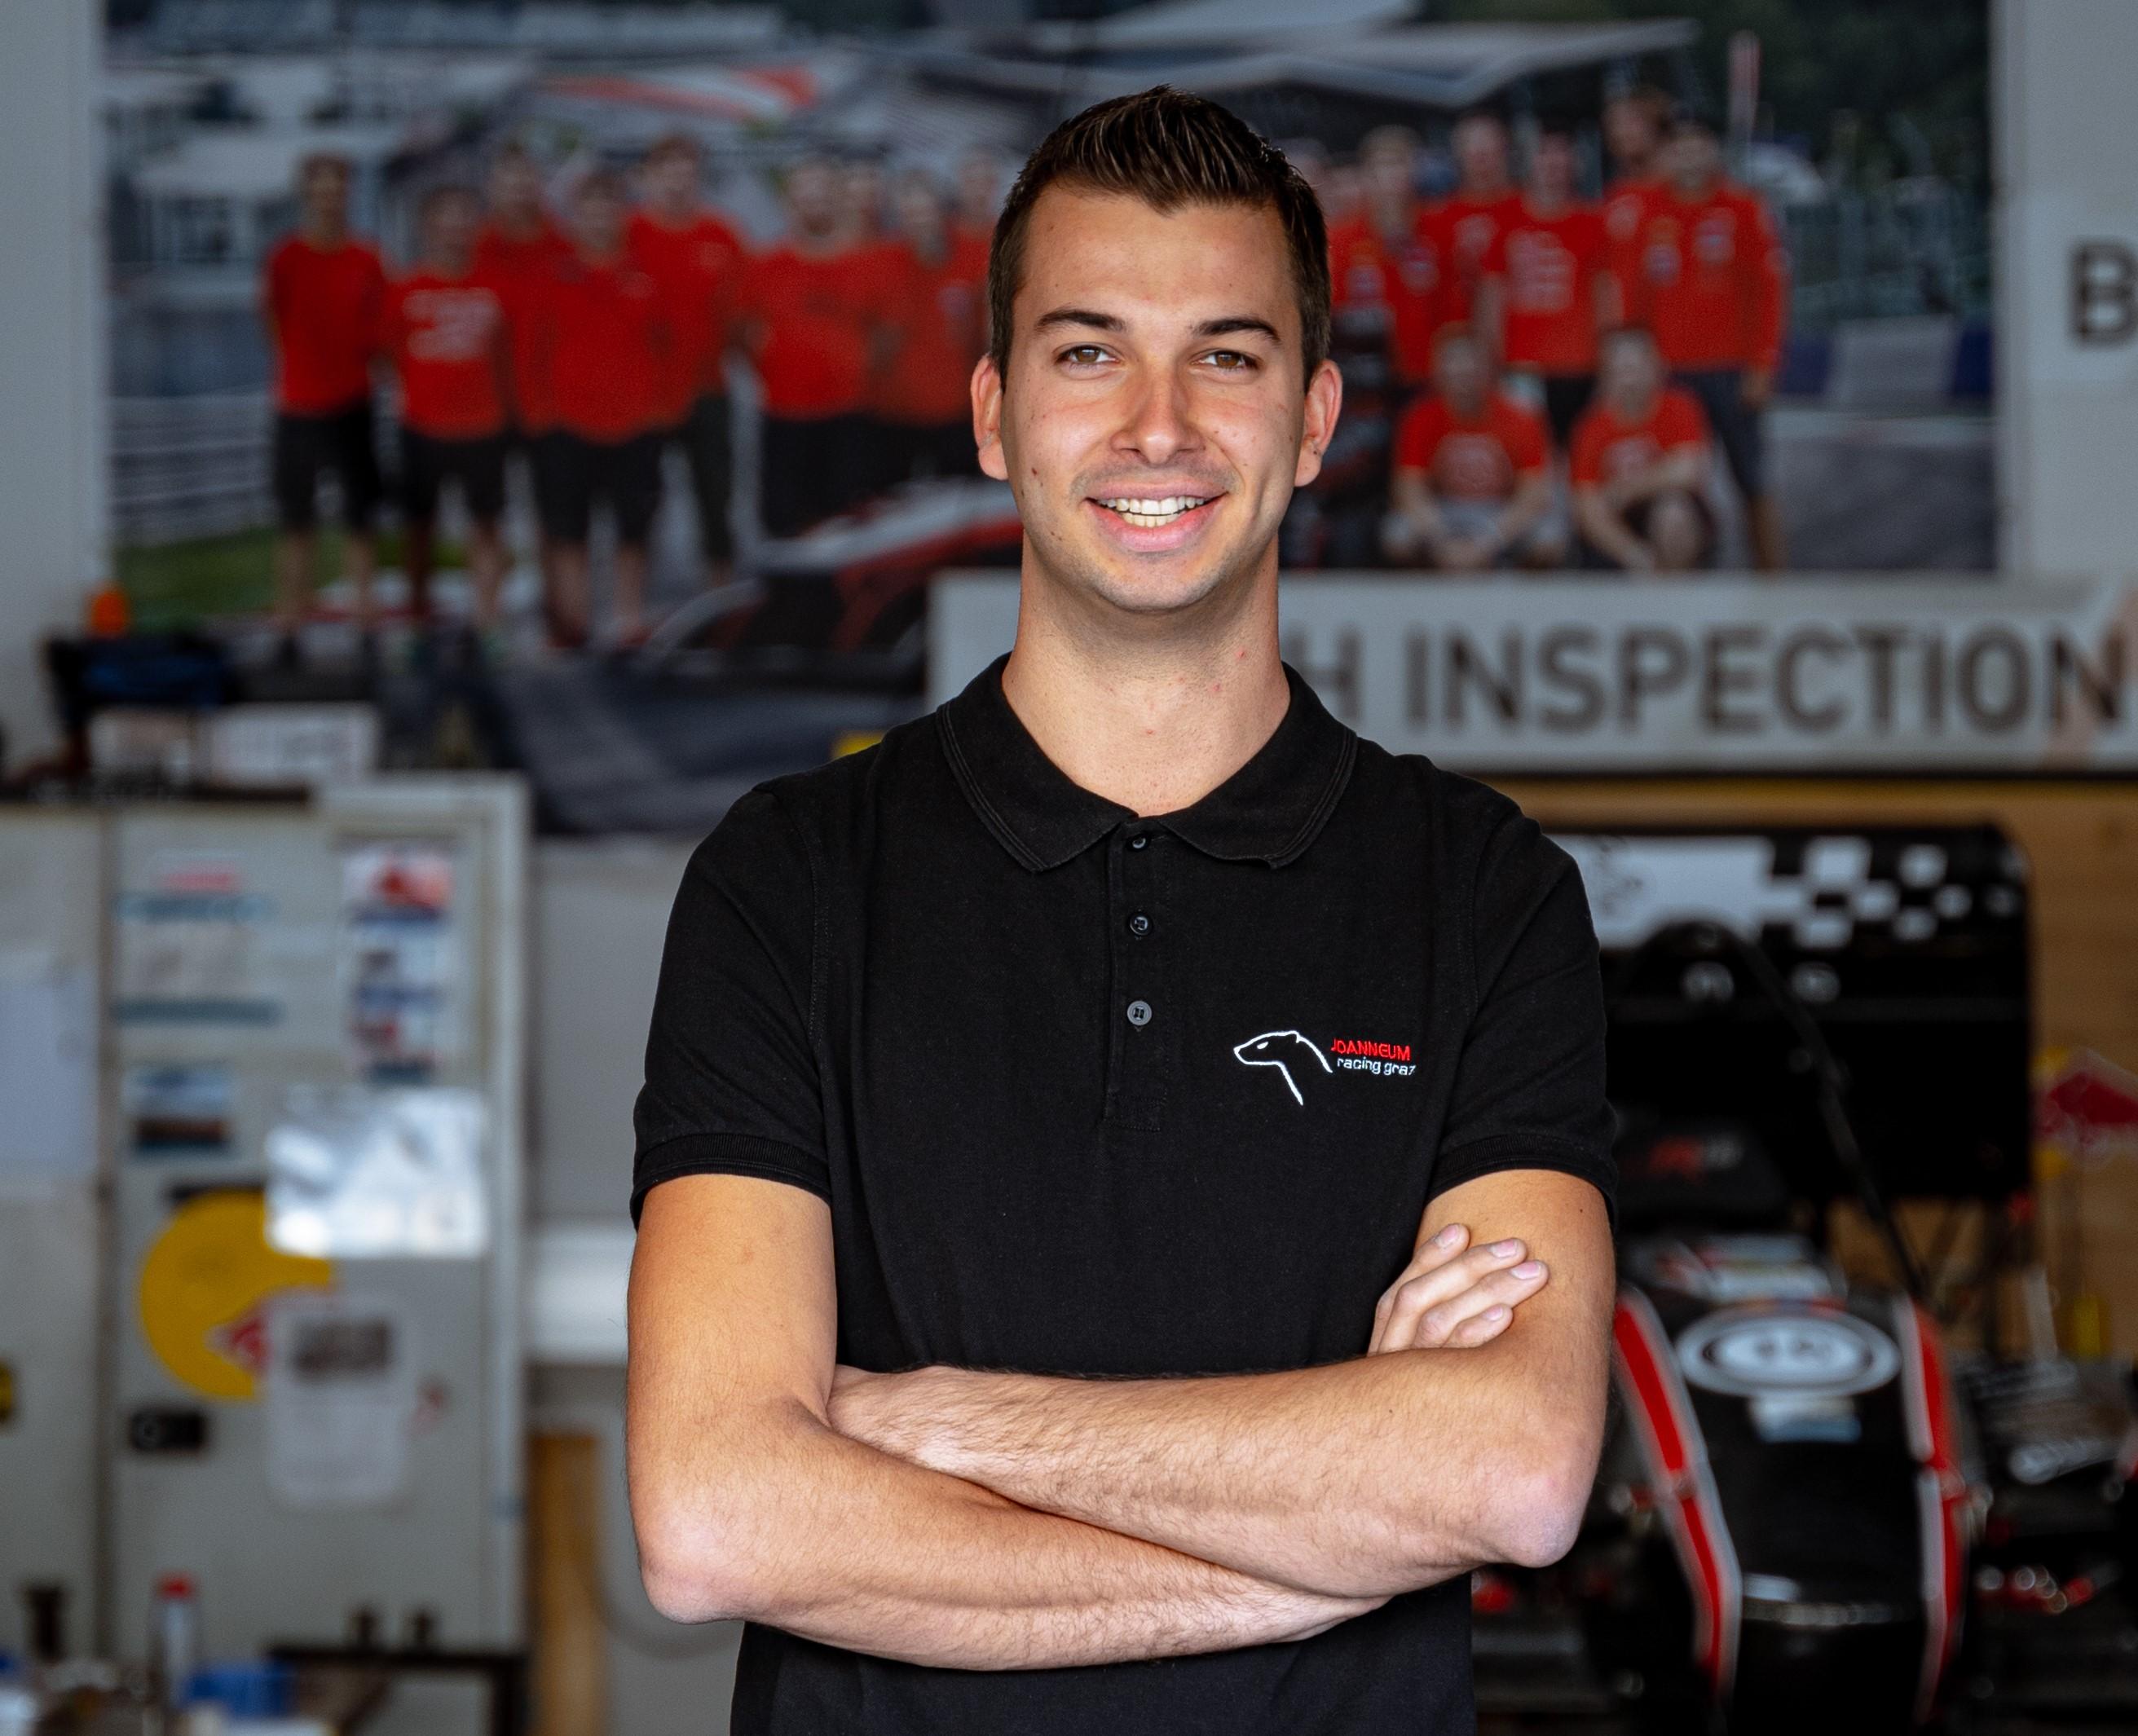 Stefan Geyer betreut das Manufacturing-Department.